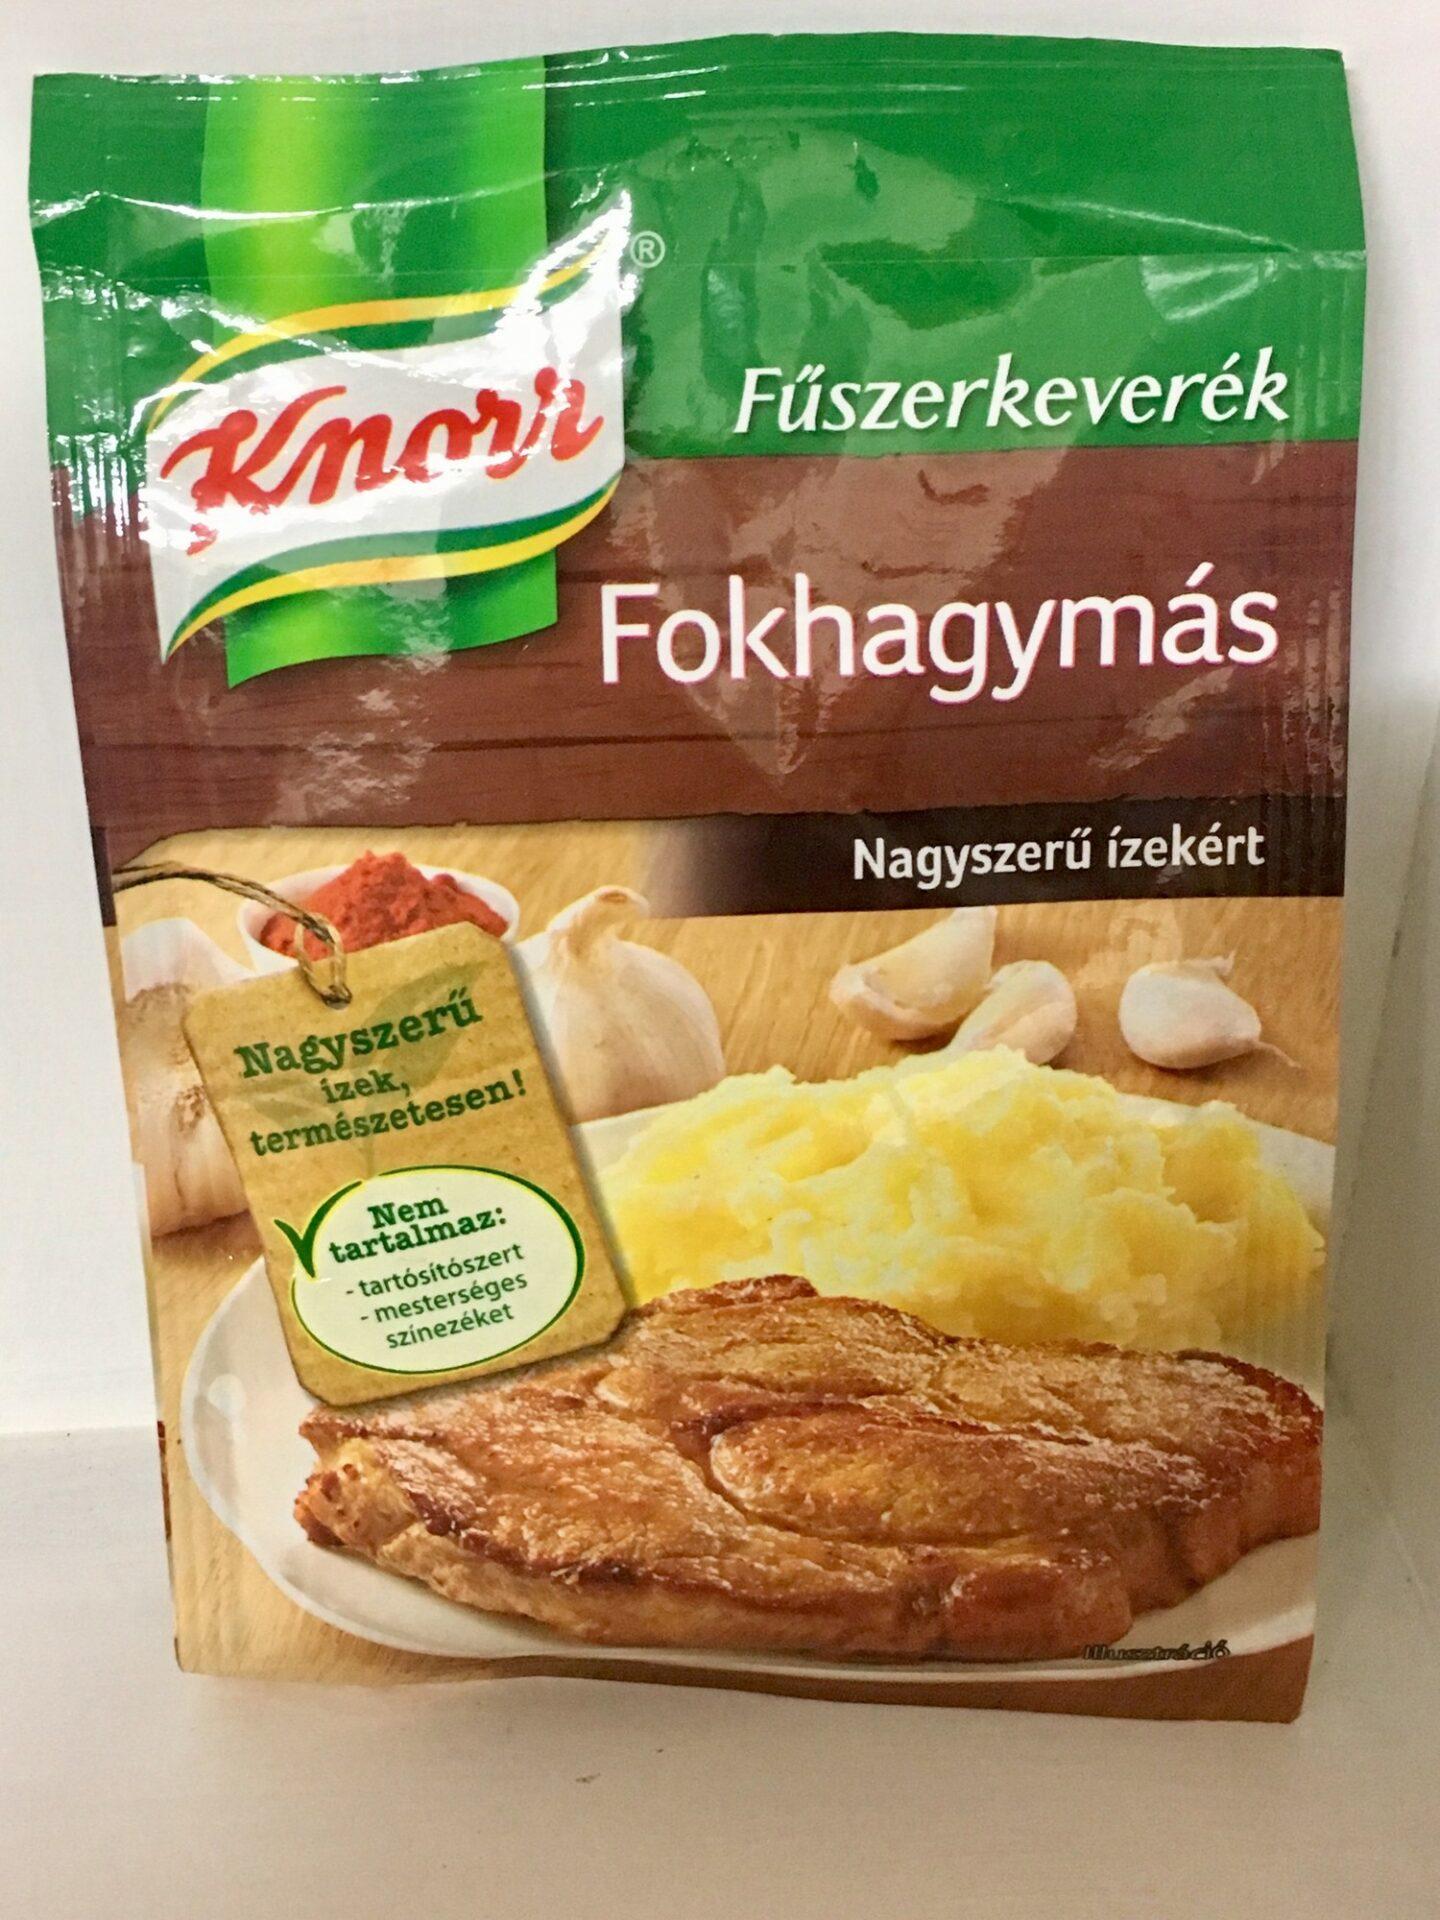 Knorr Fokhagymás fűszerkeverék 35g – Garlic spice